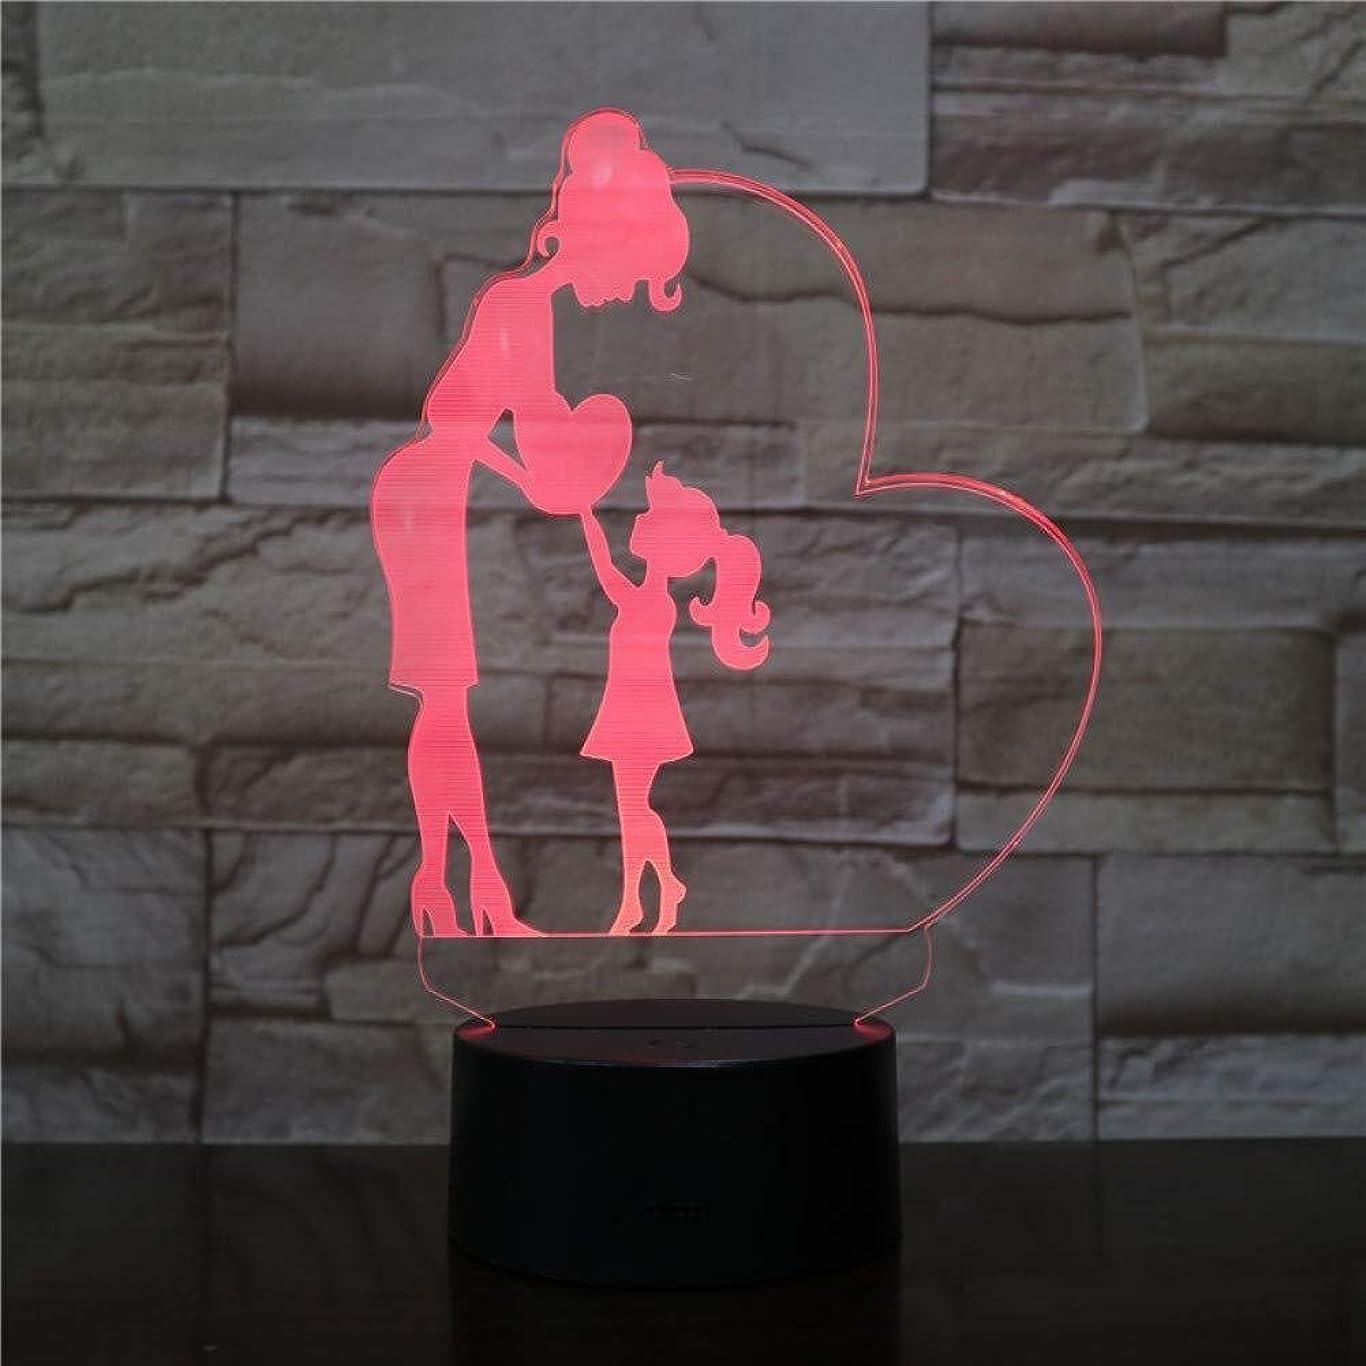 膜ペインギリック不格好3Dイリュージョンママと娘ラブハート図LEDランプタッチセンサーカラフルなベッドルームベッドサイド装飾デスクランプキッズガールズフェスティバル誕生日ギフトのUSB充電